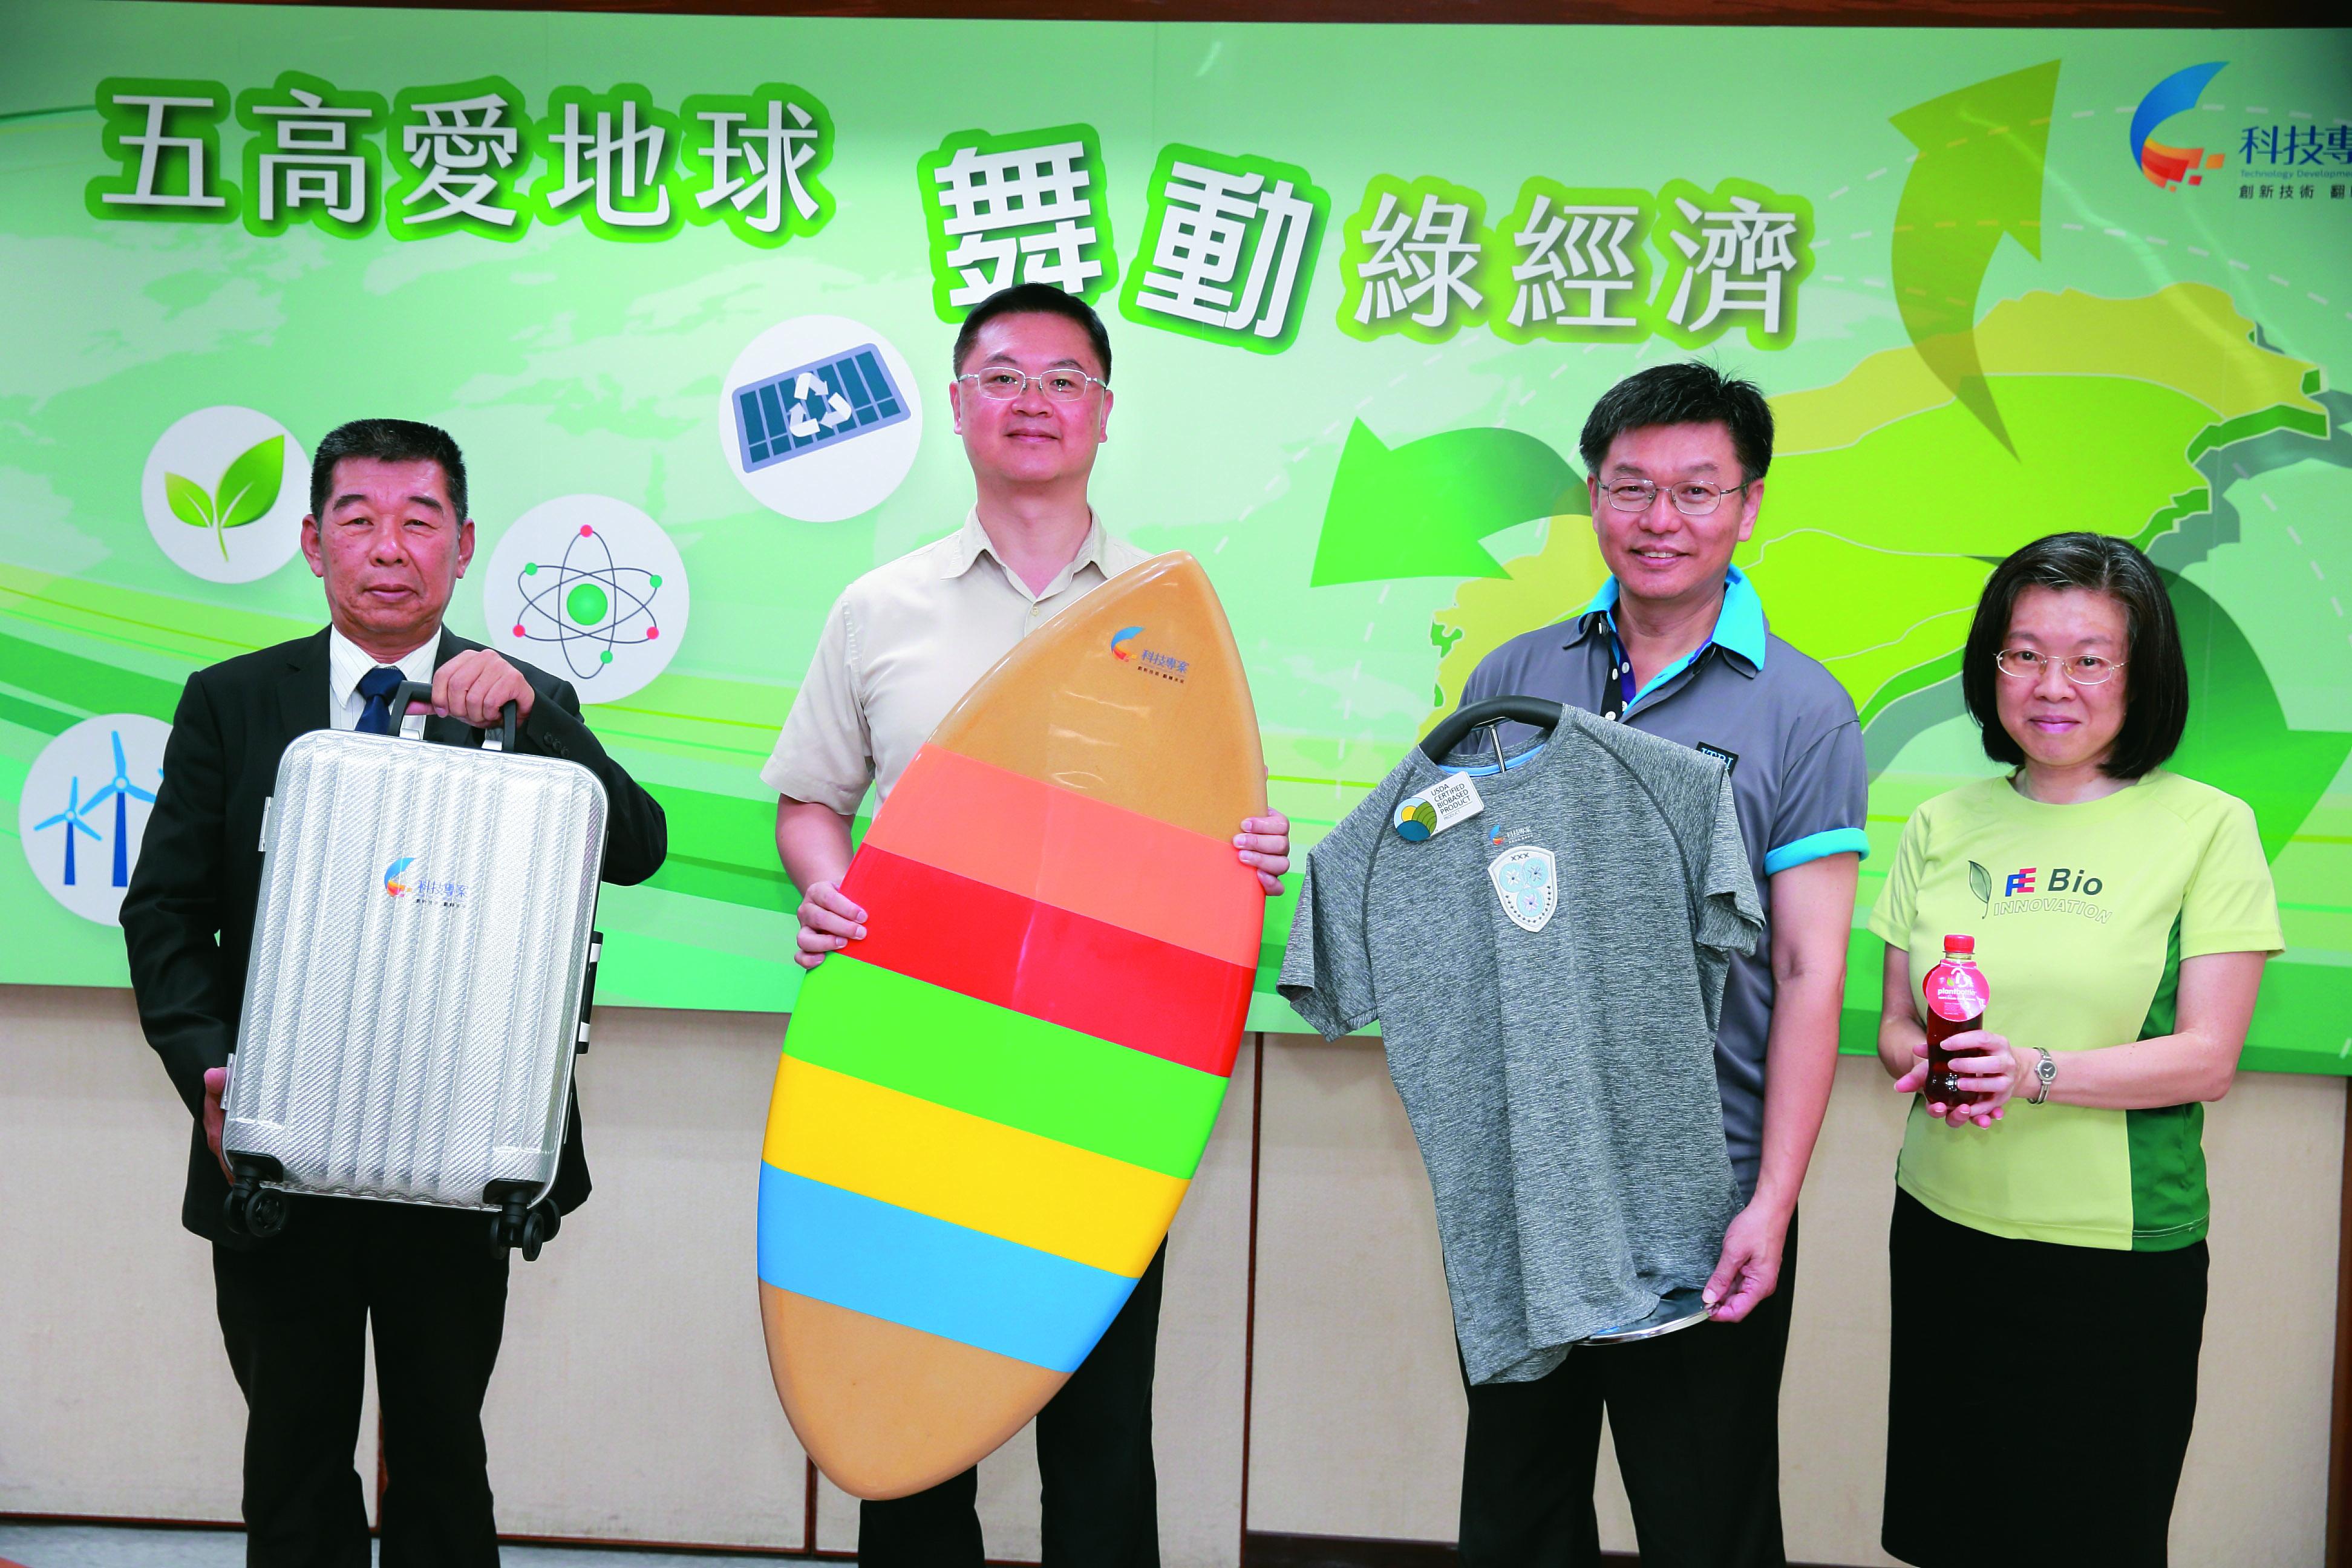 堅硬質輕的行李箱、堅固耐用的衝浪板、吸濕排汗又柔軟的運動衫,以及安全環保不漏氣的可樂瓶,都是科技專案所研發的環境友善材料,所製成的綠色產品。